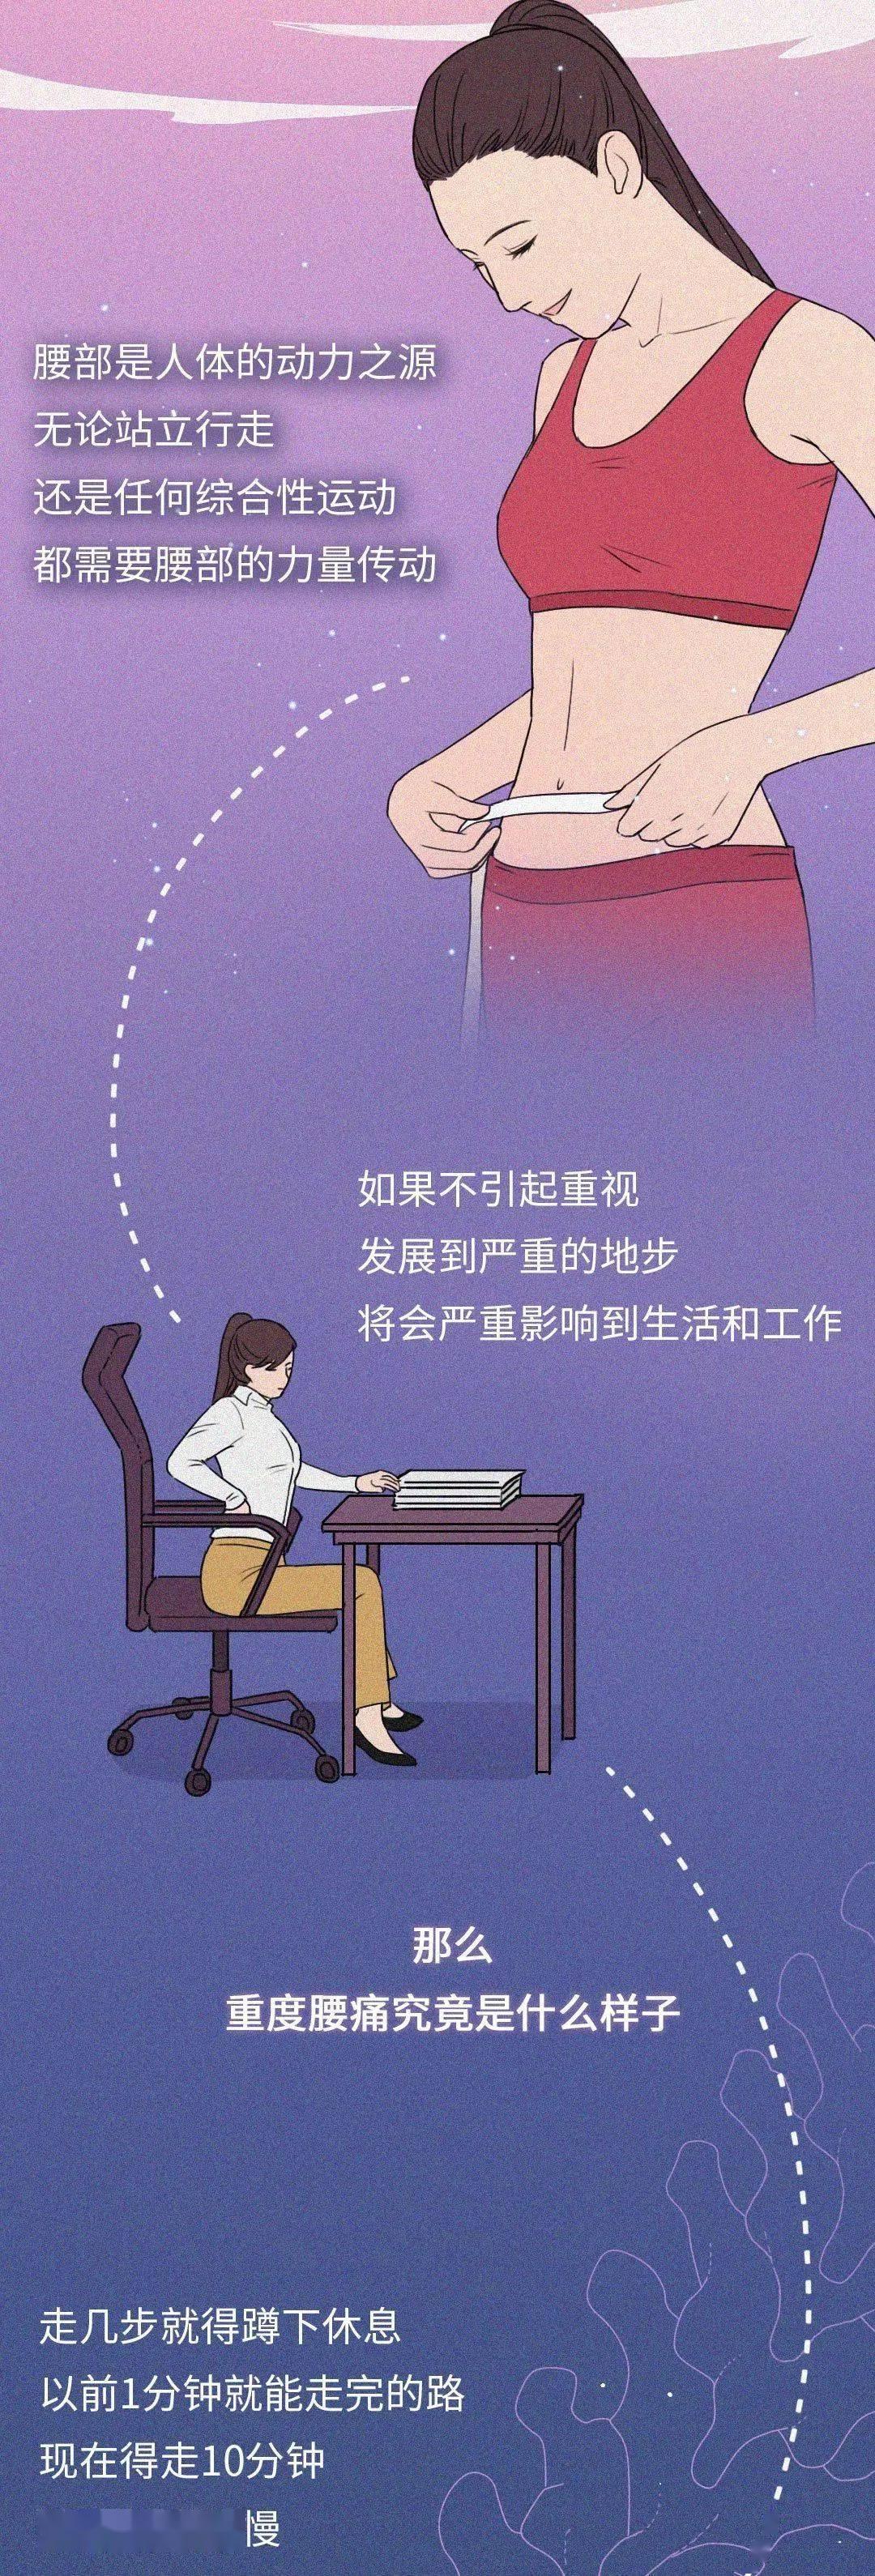 如何护理腰部